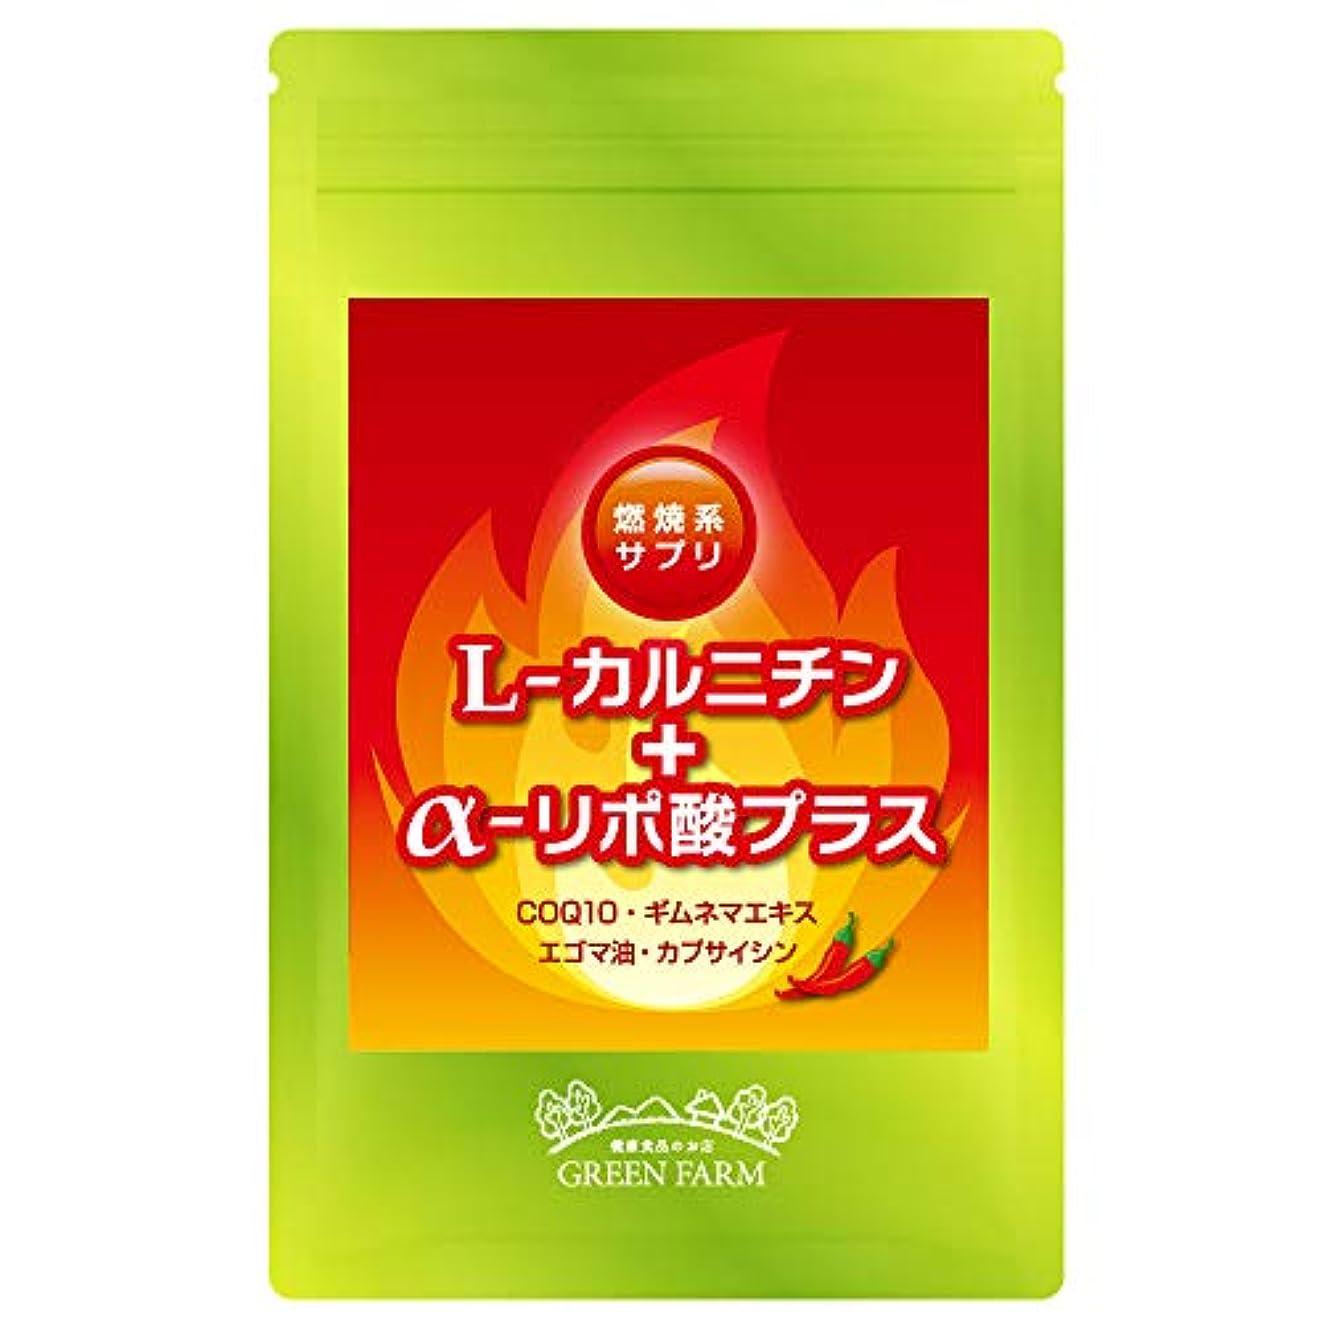 過剰桃ソフィーL-カルニチン+アルファリポ酸プラス アミノ酸サプリ(オメガ3系脂肪酸 エゴマ油?COQ10配合)国内製造 1日2粒目安 約30日分